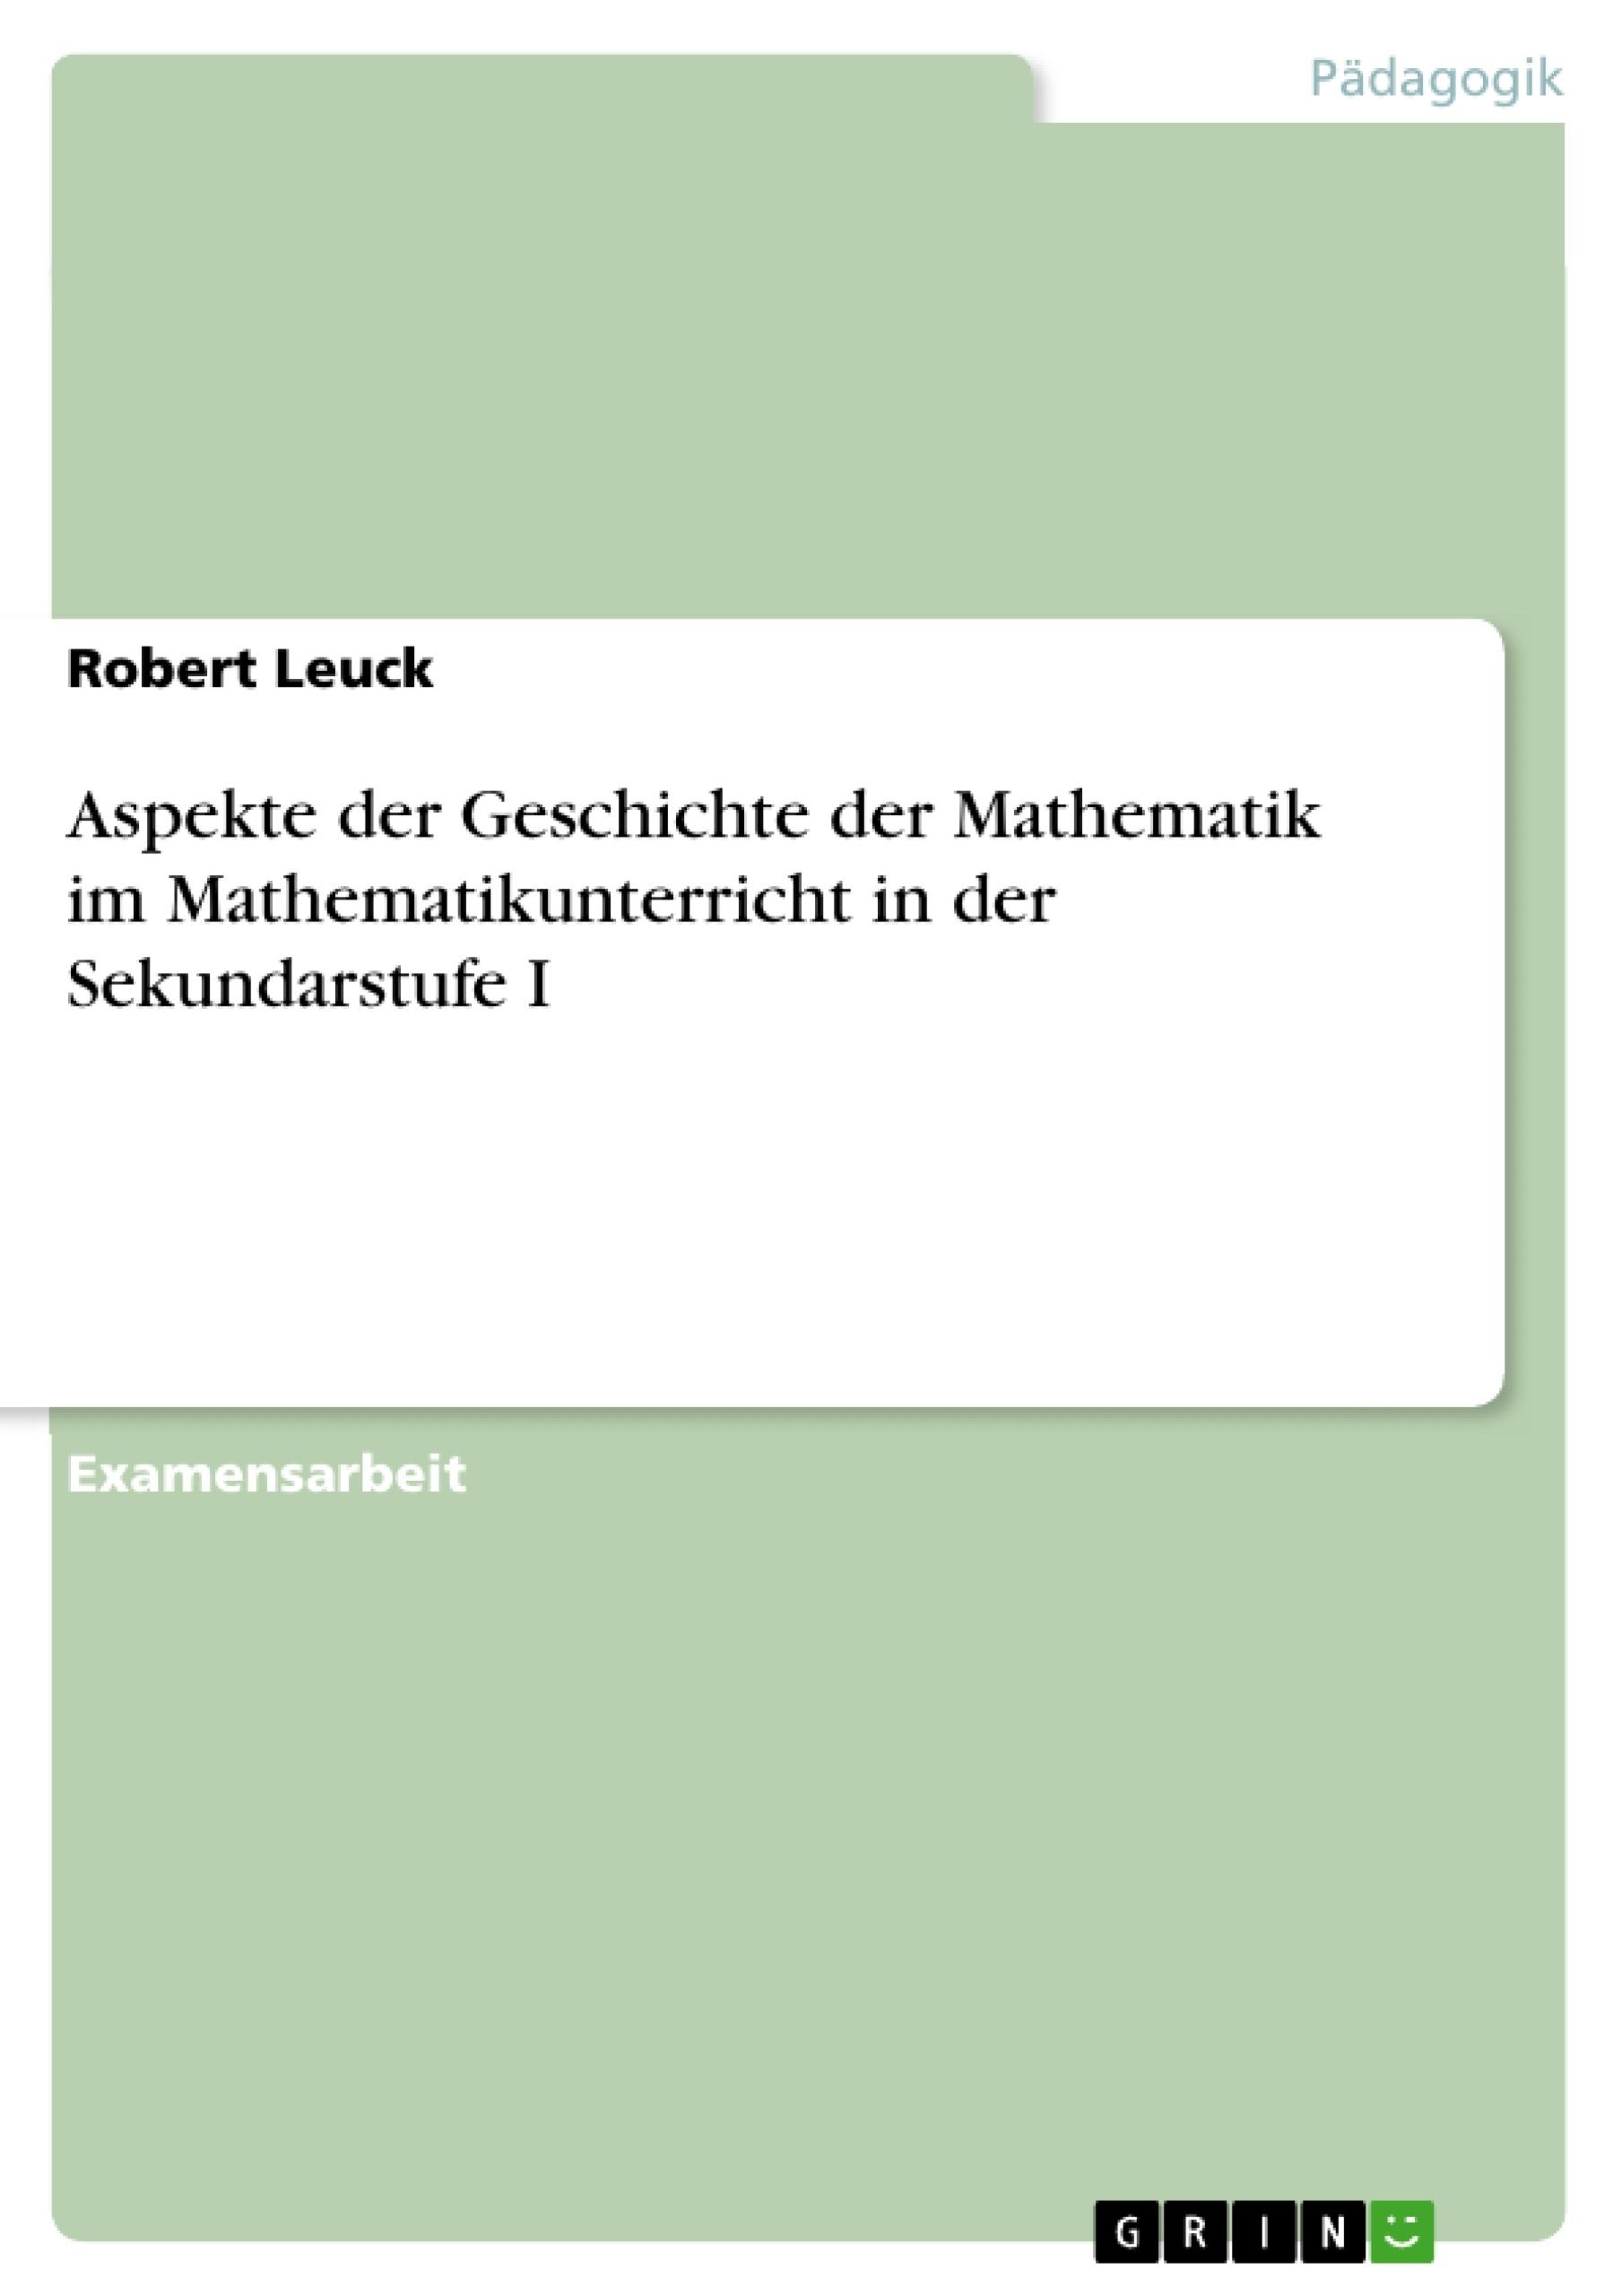 Titel: Aspekte der Geschichte der Mathematik im Mathematikunterricht  in der Sekundarstufe I